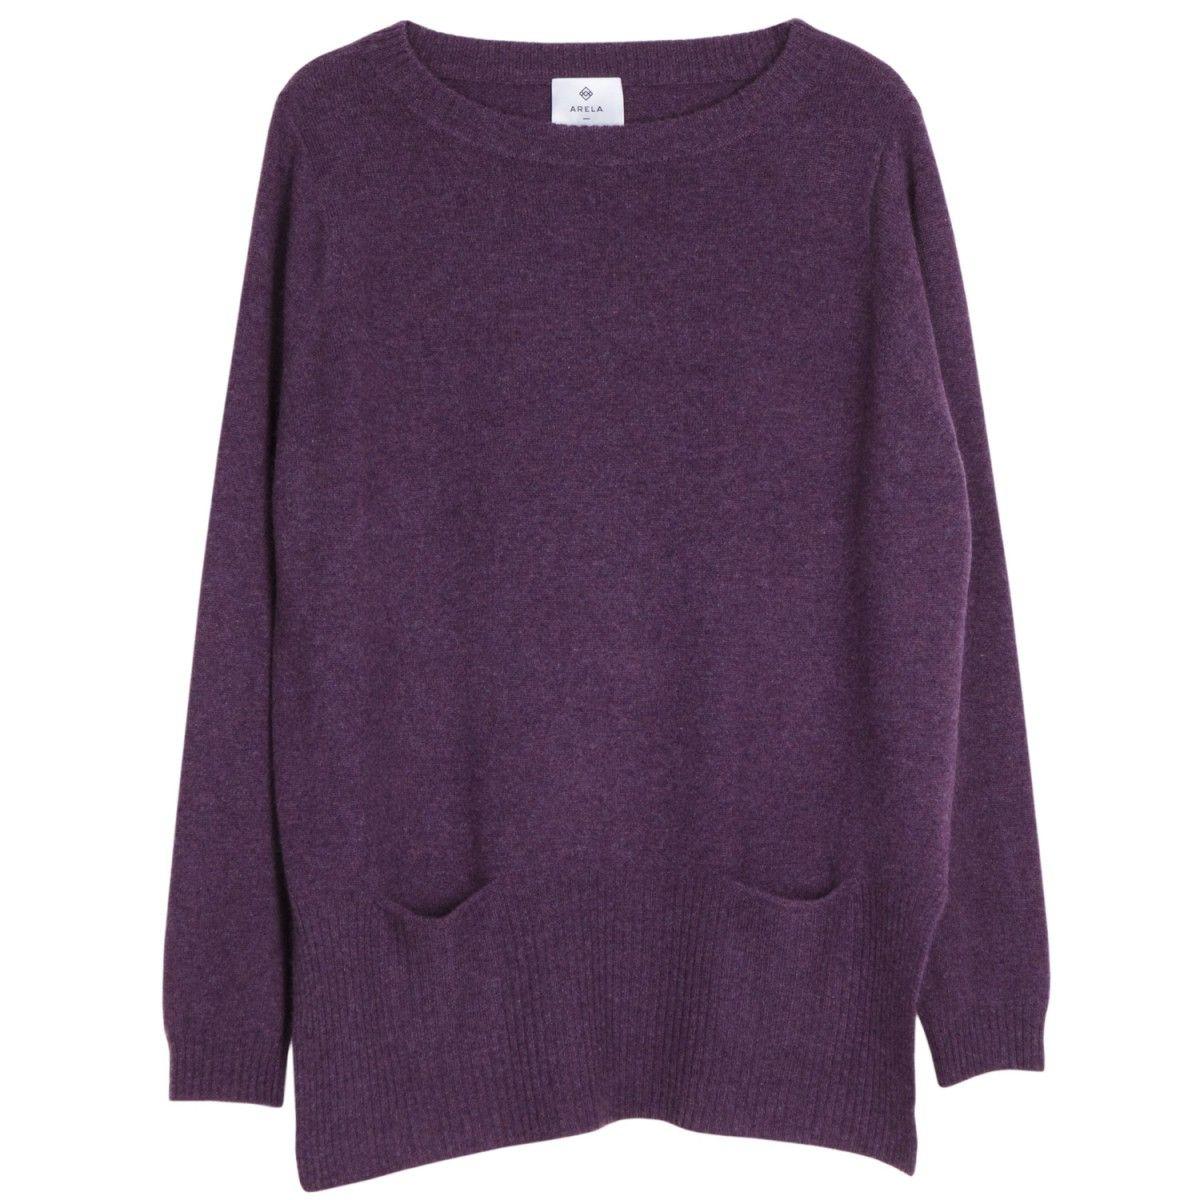 Elsie Pocket Cashmere Sweater in Gloucester violet | Arela | Our ...